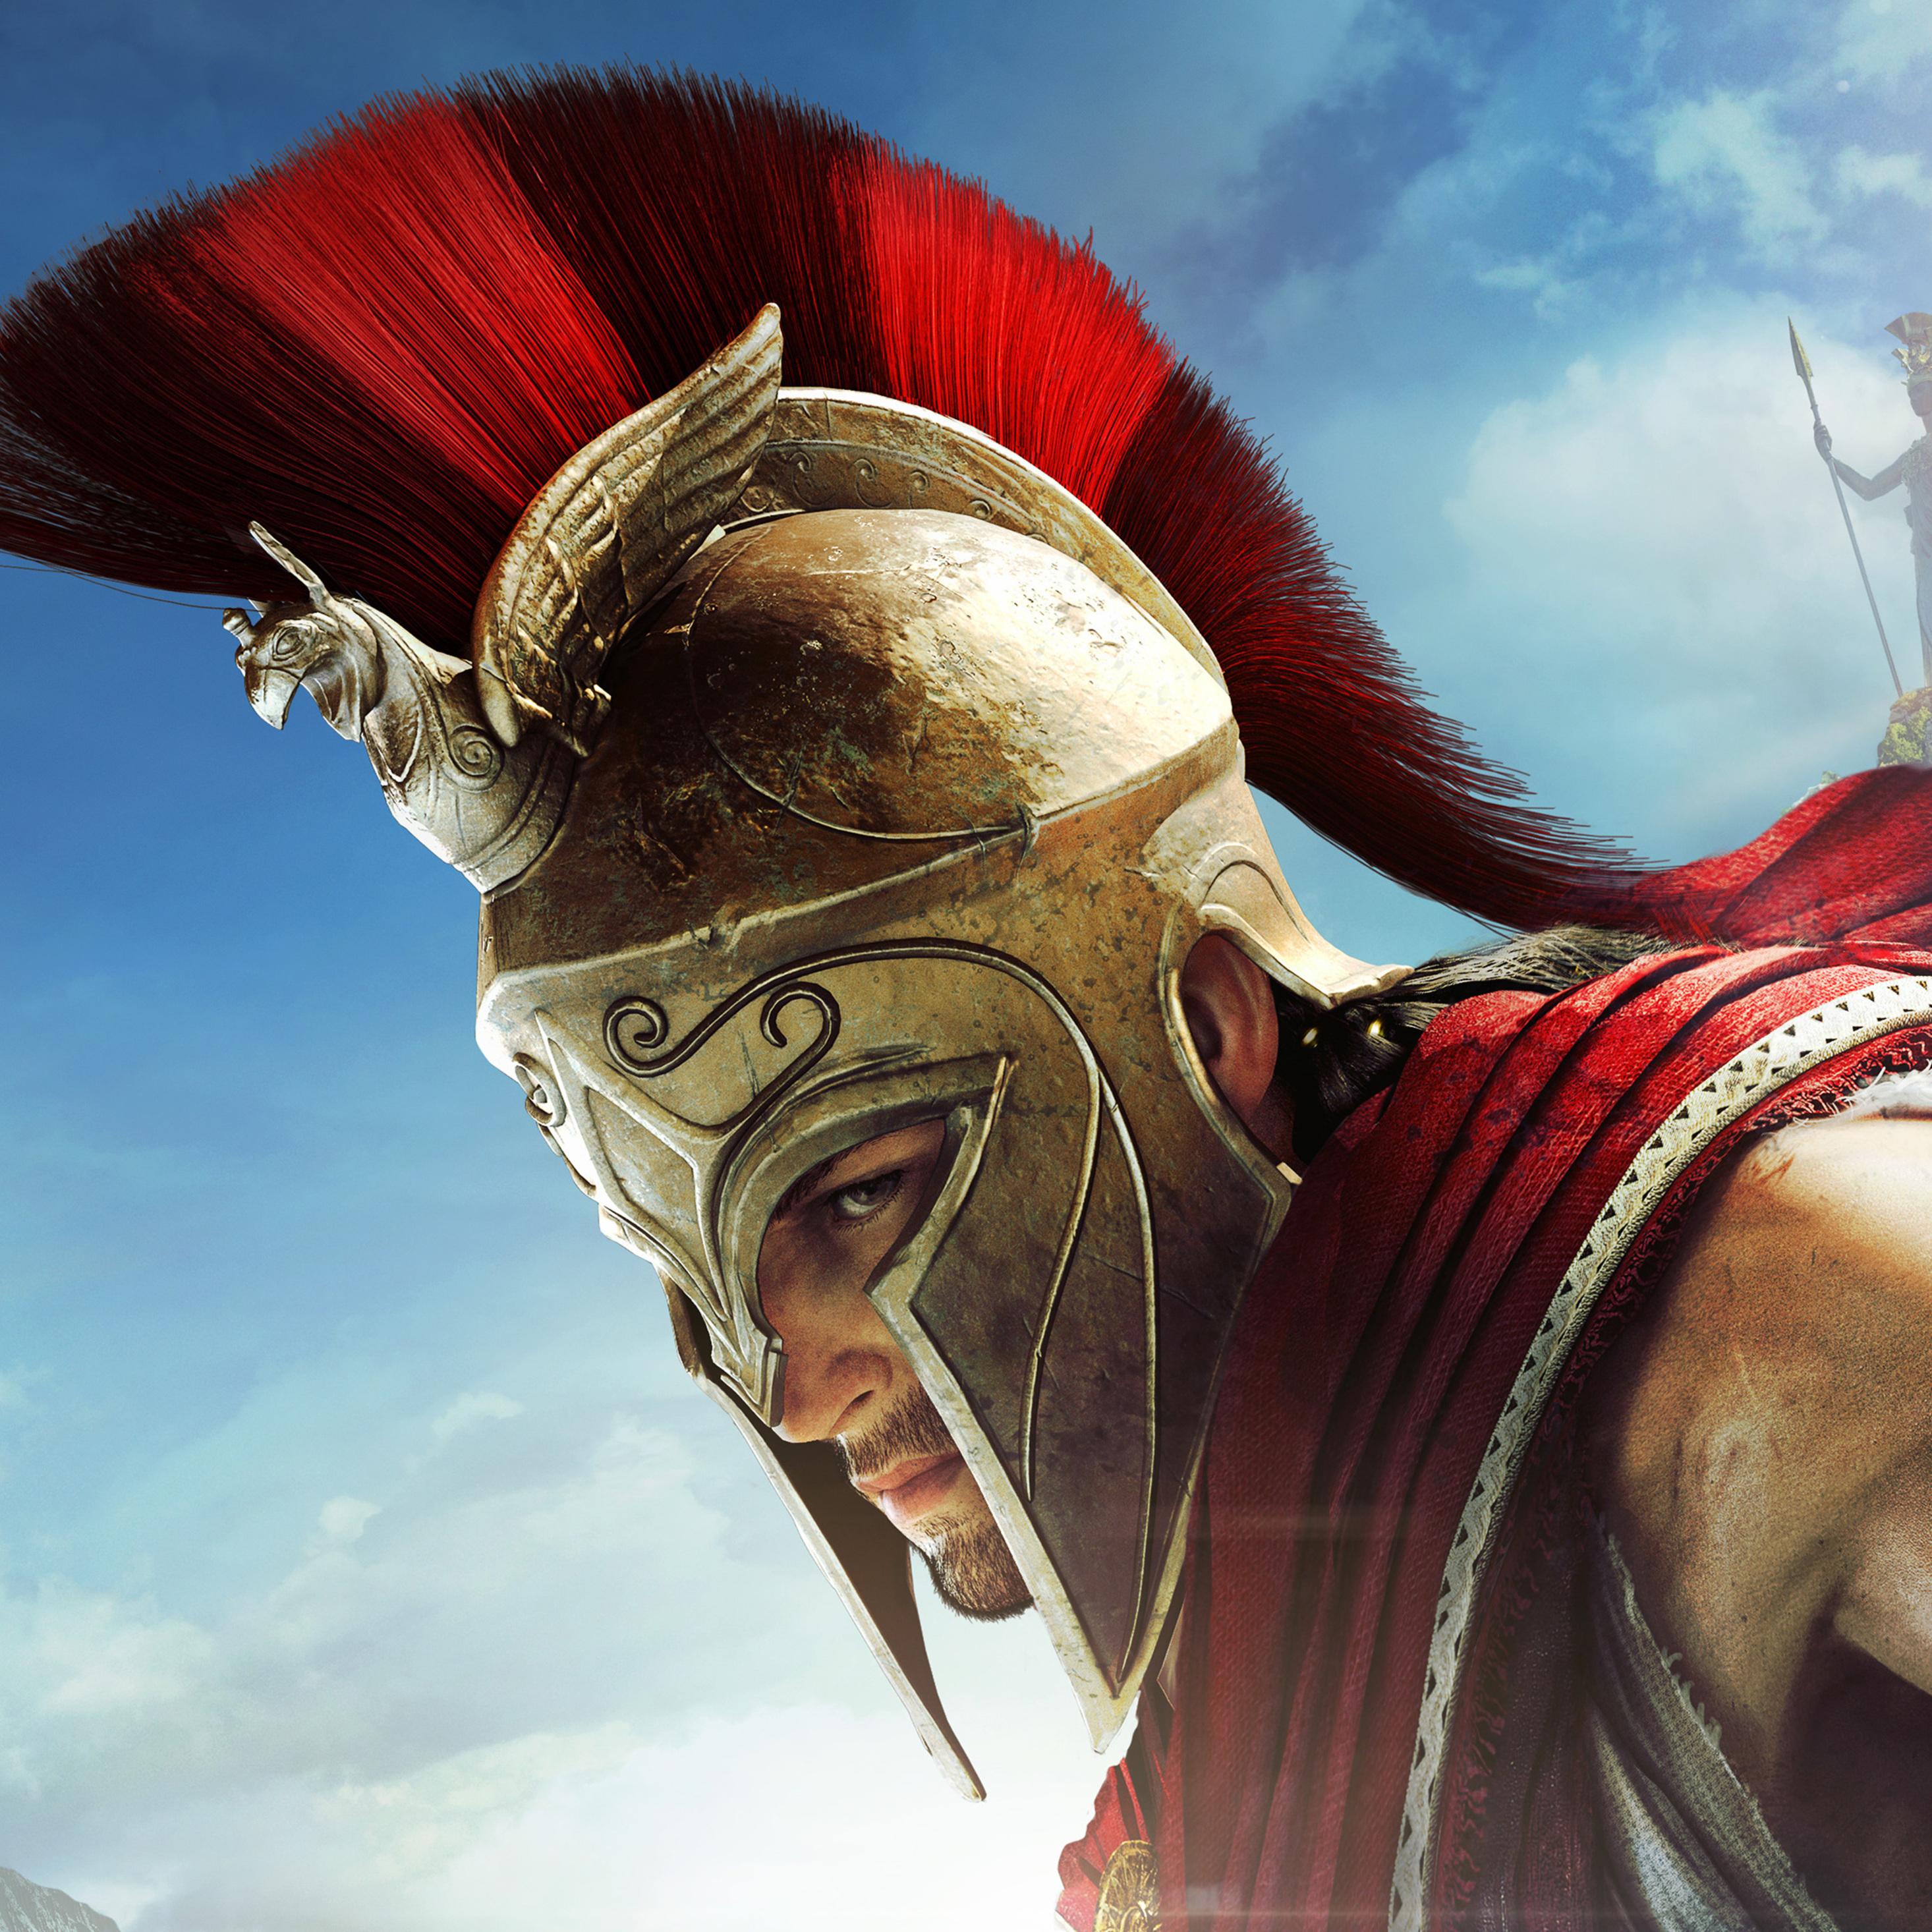 2932x2932 4k Assassins Creed Odyssey Ipad Pro Retina Display Hd 4k